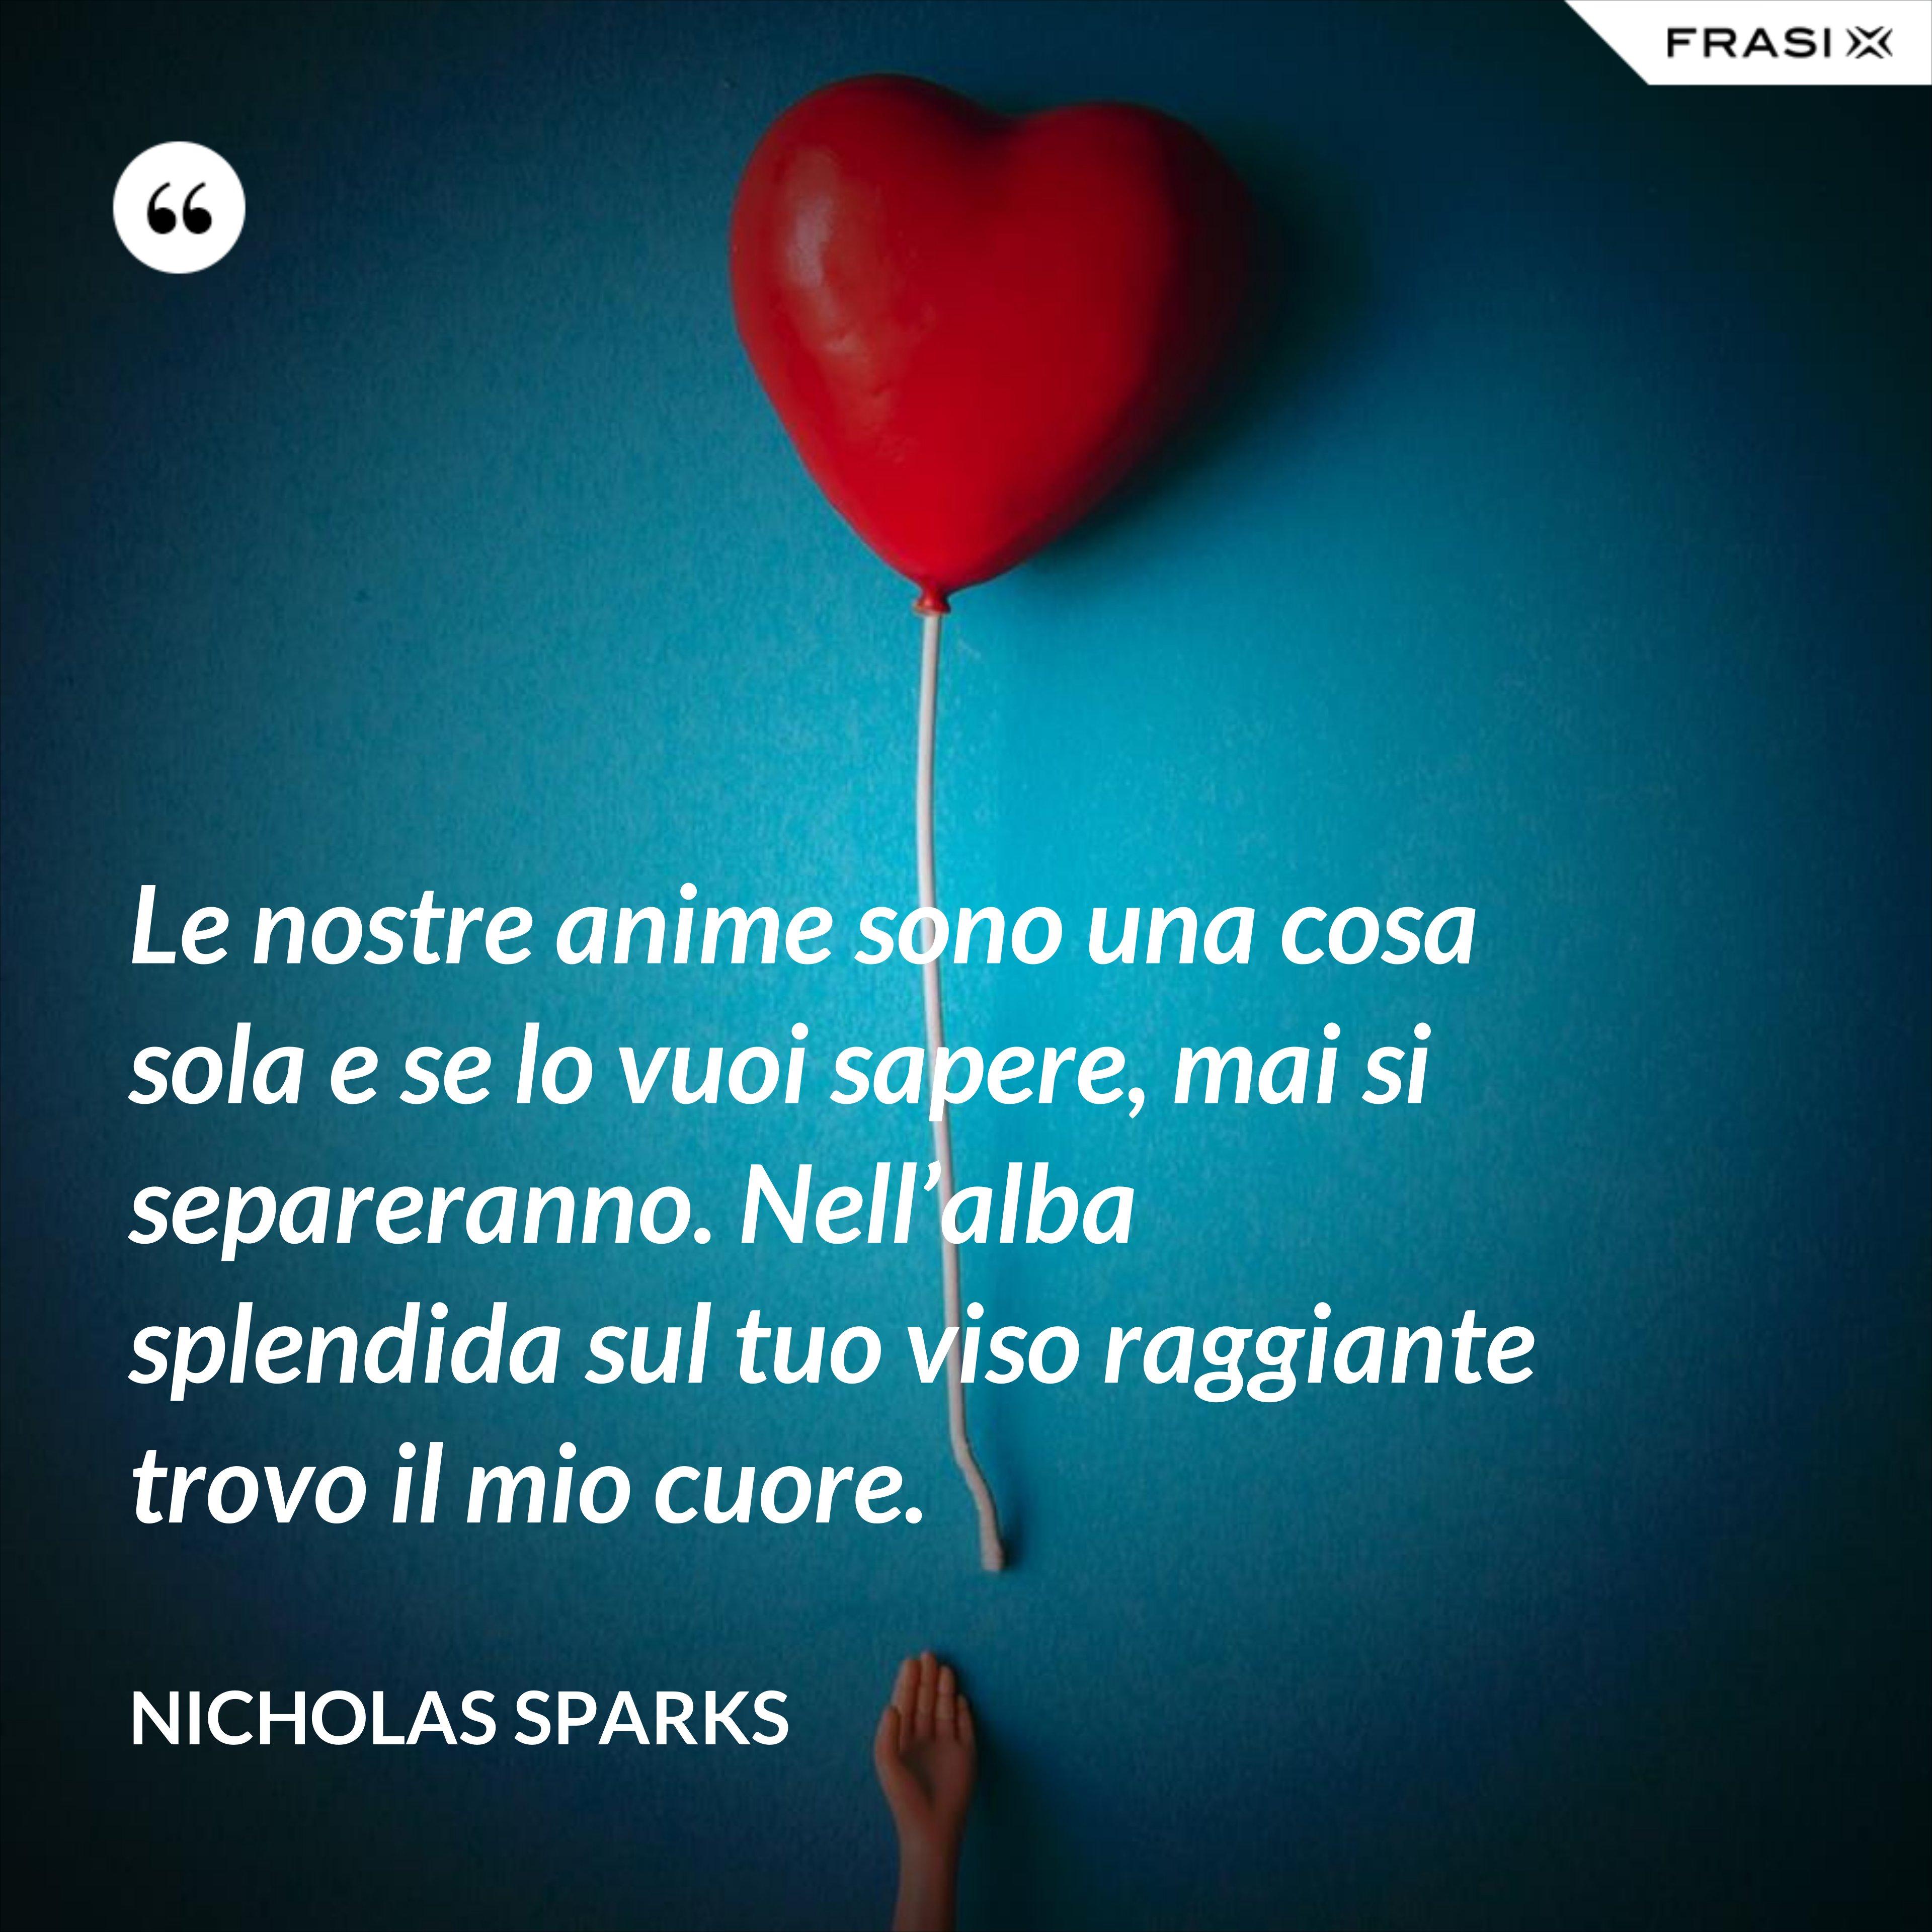 Le nostre anime sono una cosa sola e se lo vuoi sapere, mai si separeranno. Nell'alba splendida sul tuo viso raggiante trovo il mio cuore. - Nicholas Sparks